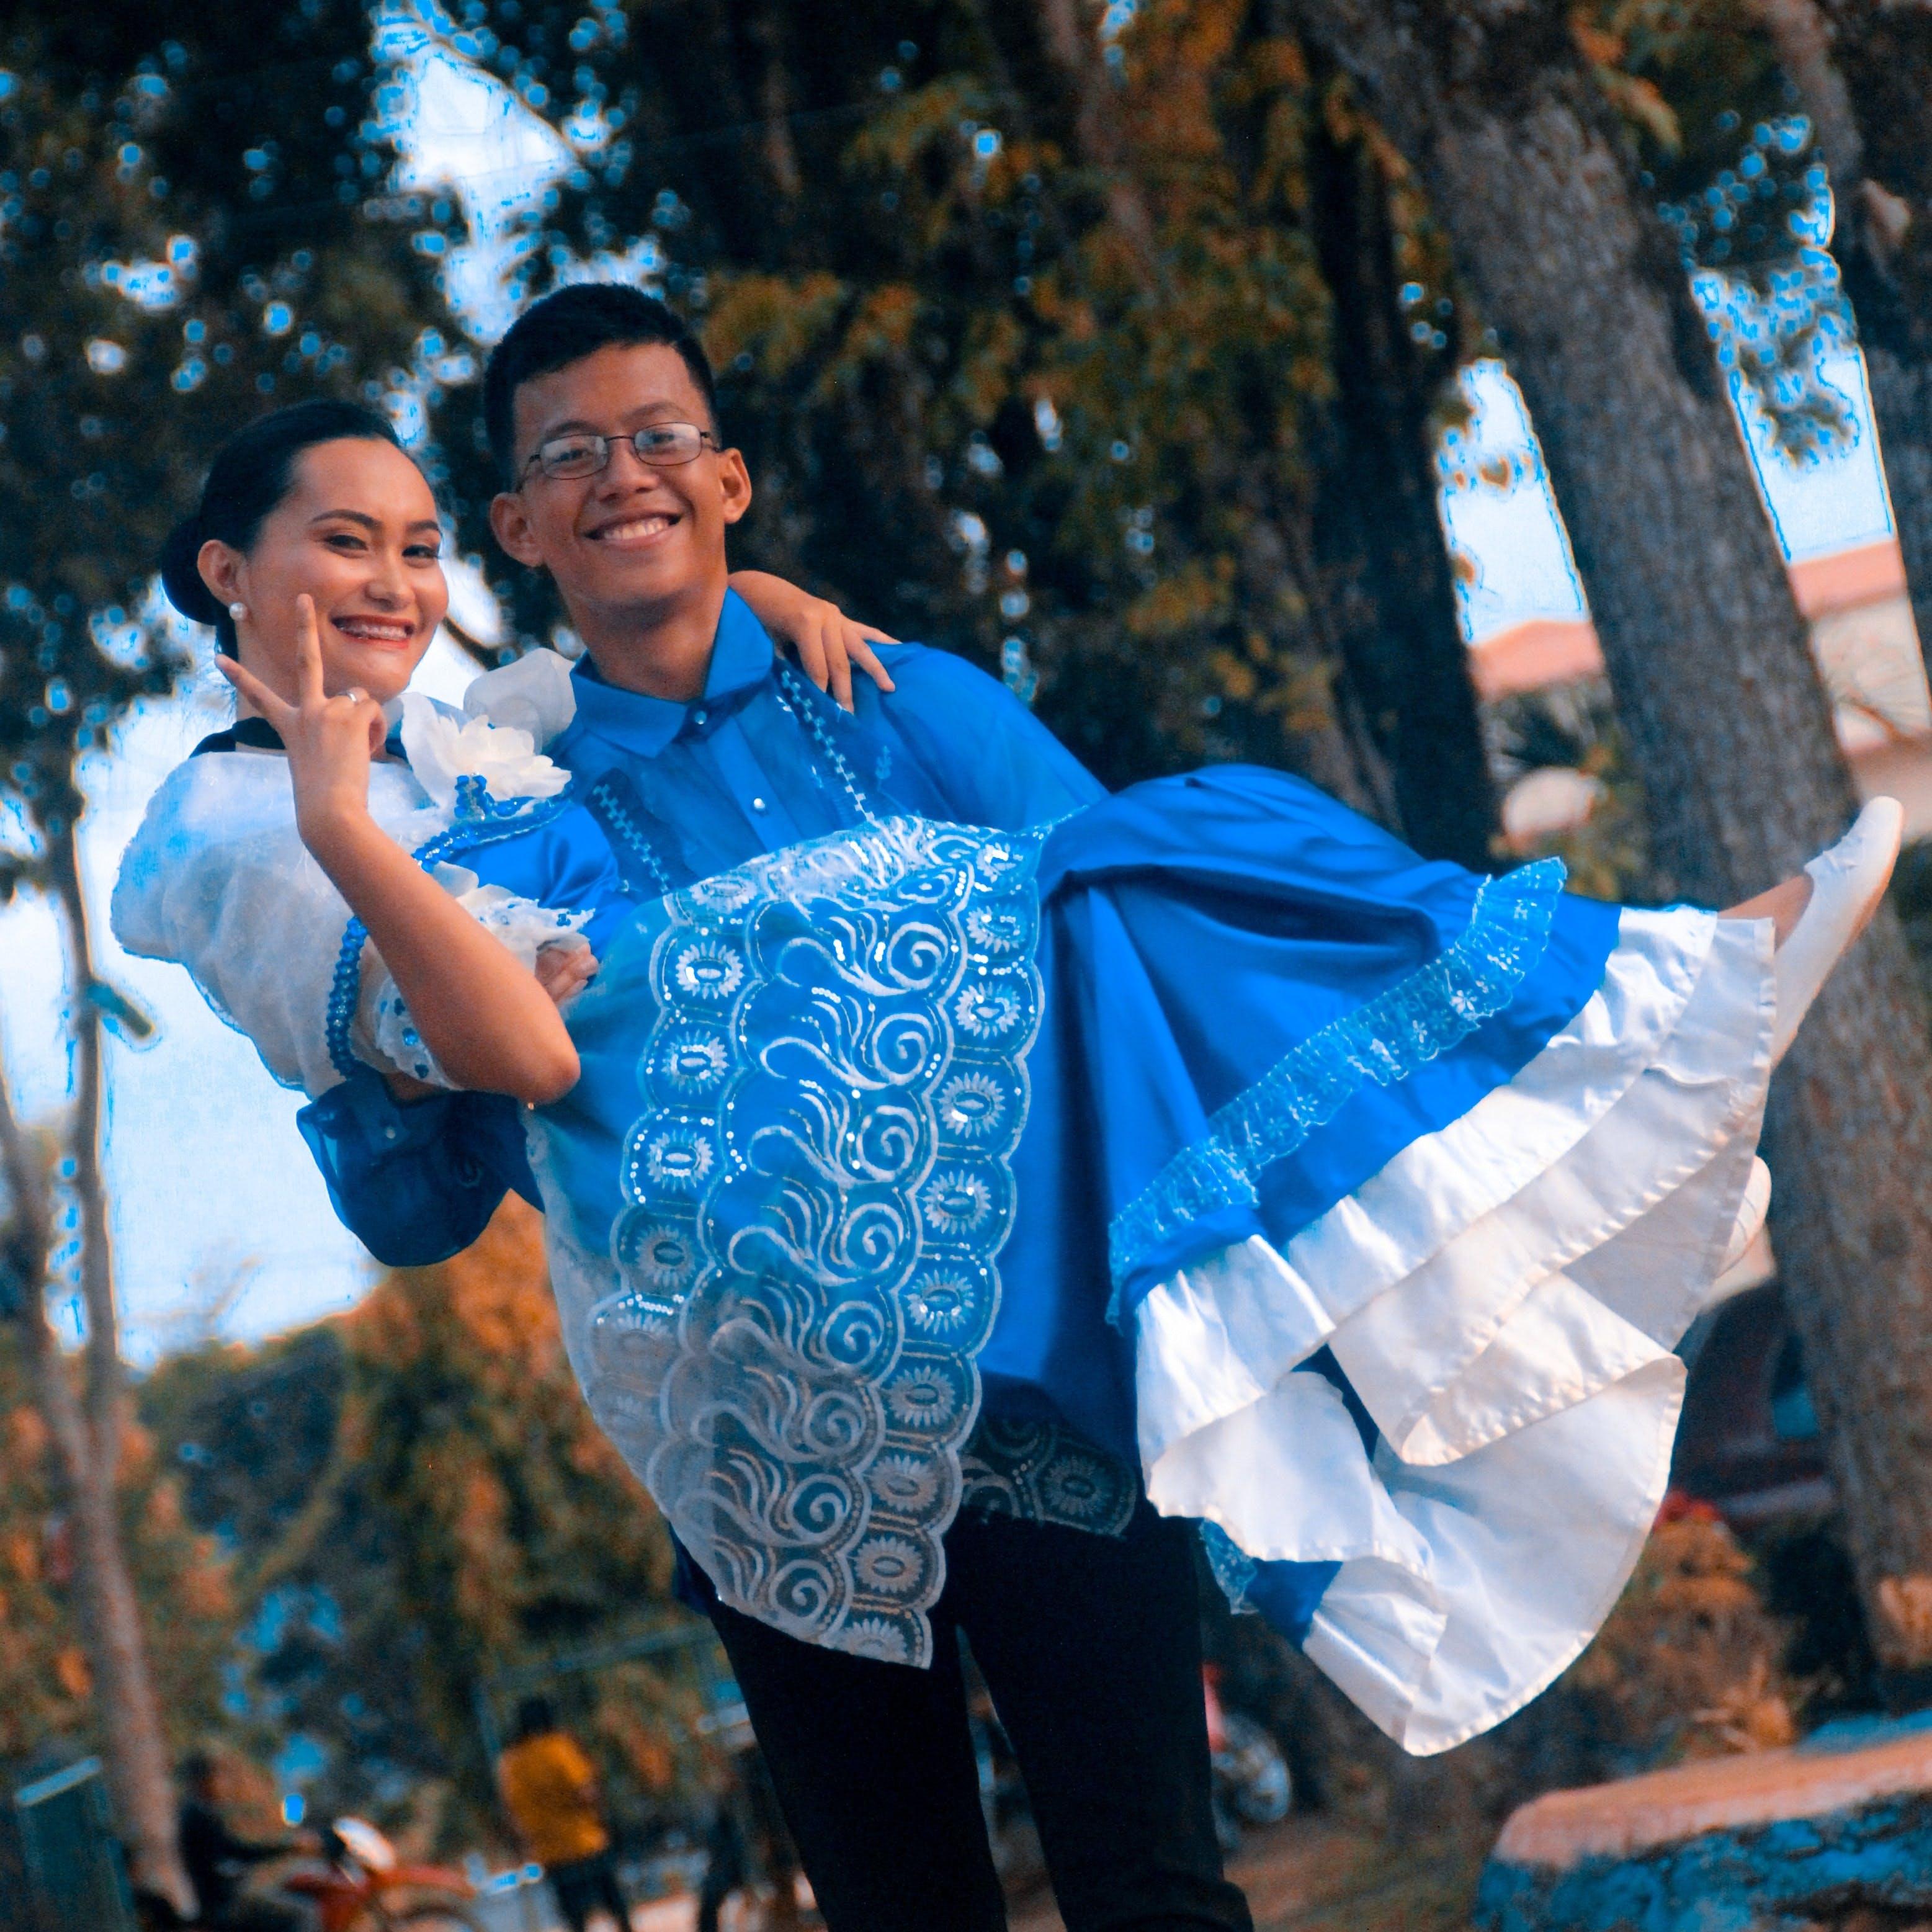 Man Wearing Blue Button-up Shirt Carrying Woman